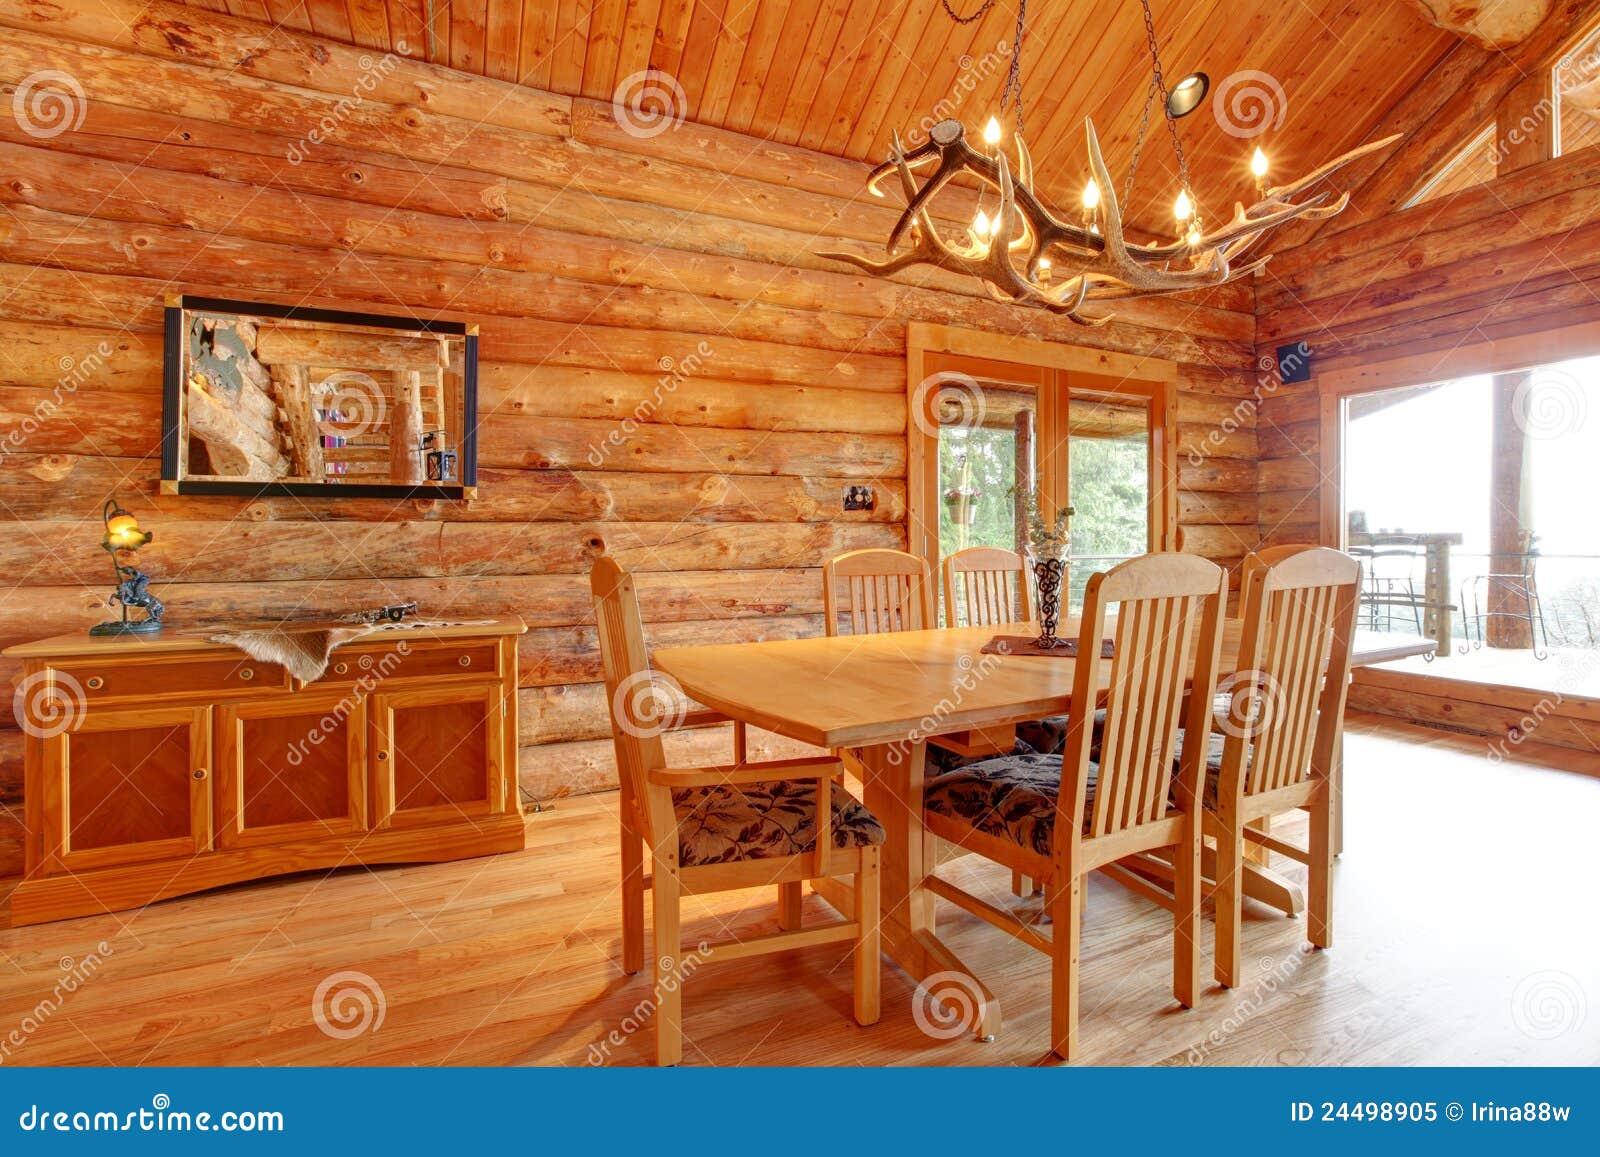 Sala De Jantar Rustica ~ Interior Da Sala De Jantar Da Cabana Rústica De Madeira Foto de